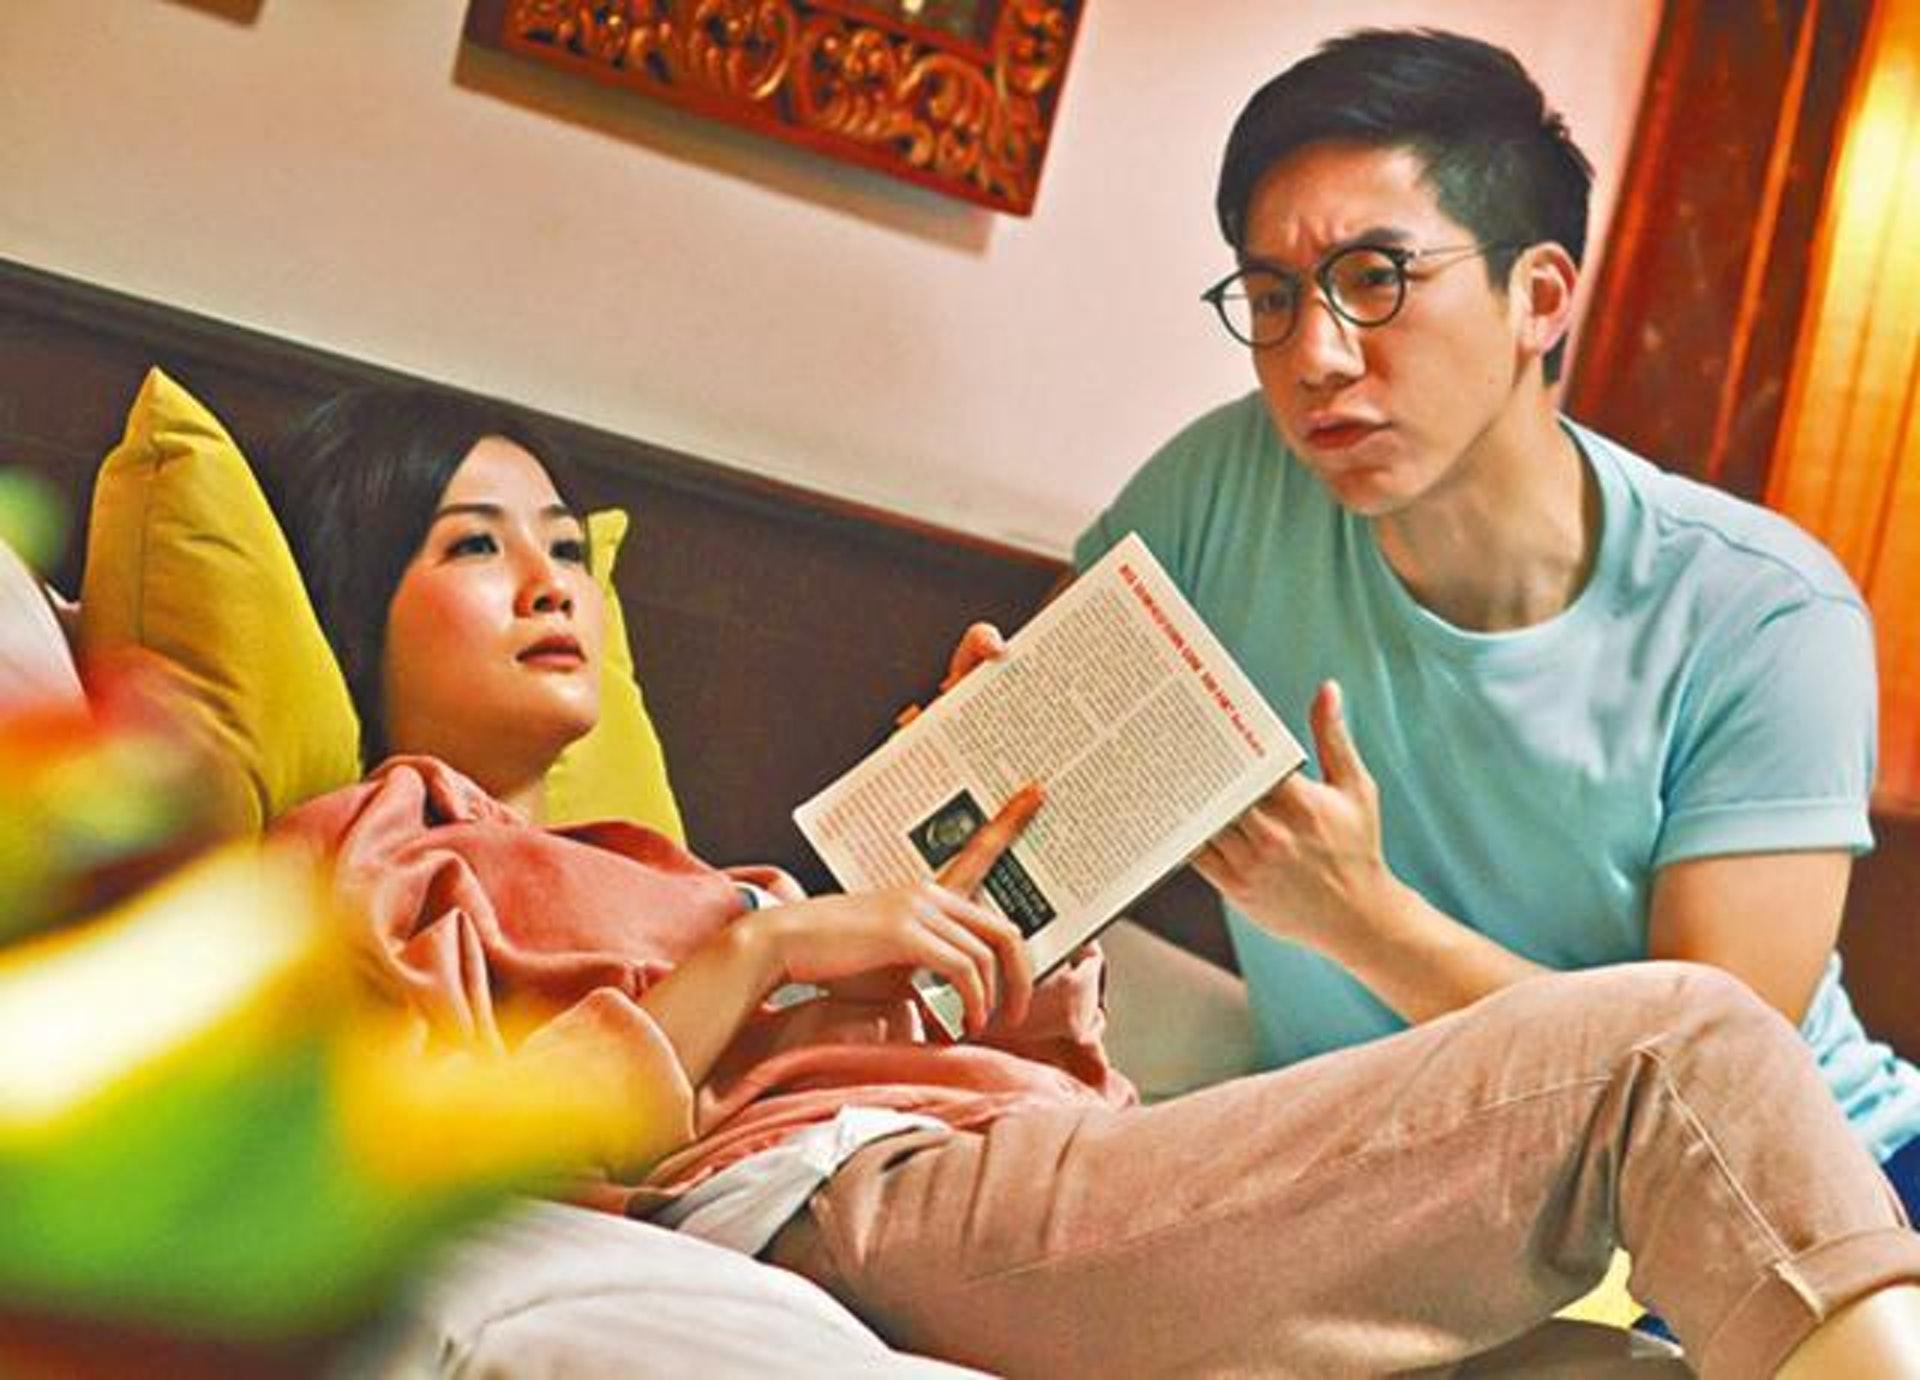 柳俊江首登大銀幕便與「阿Sa」蔡卓妍在電影《雛妓》(2014)合作,飾演對方男朋友,盡顯好男人一面。(劇照)